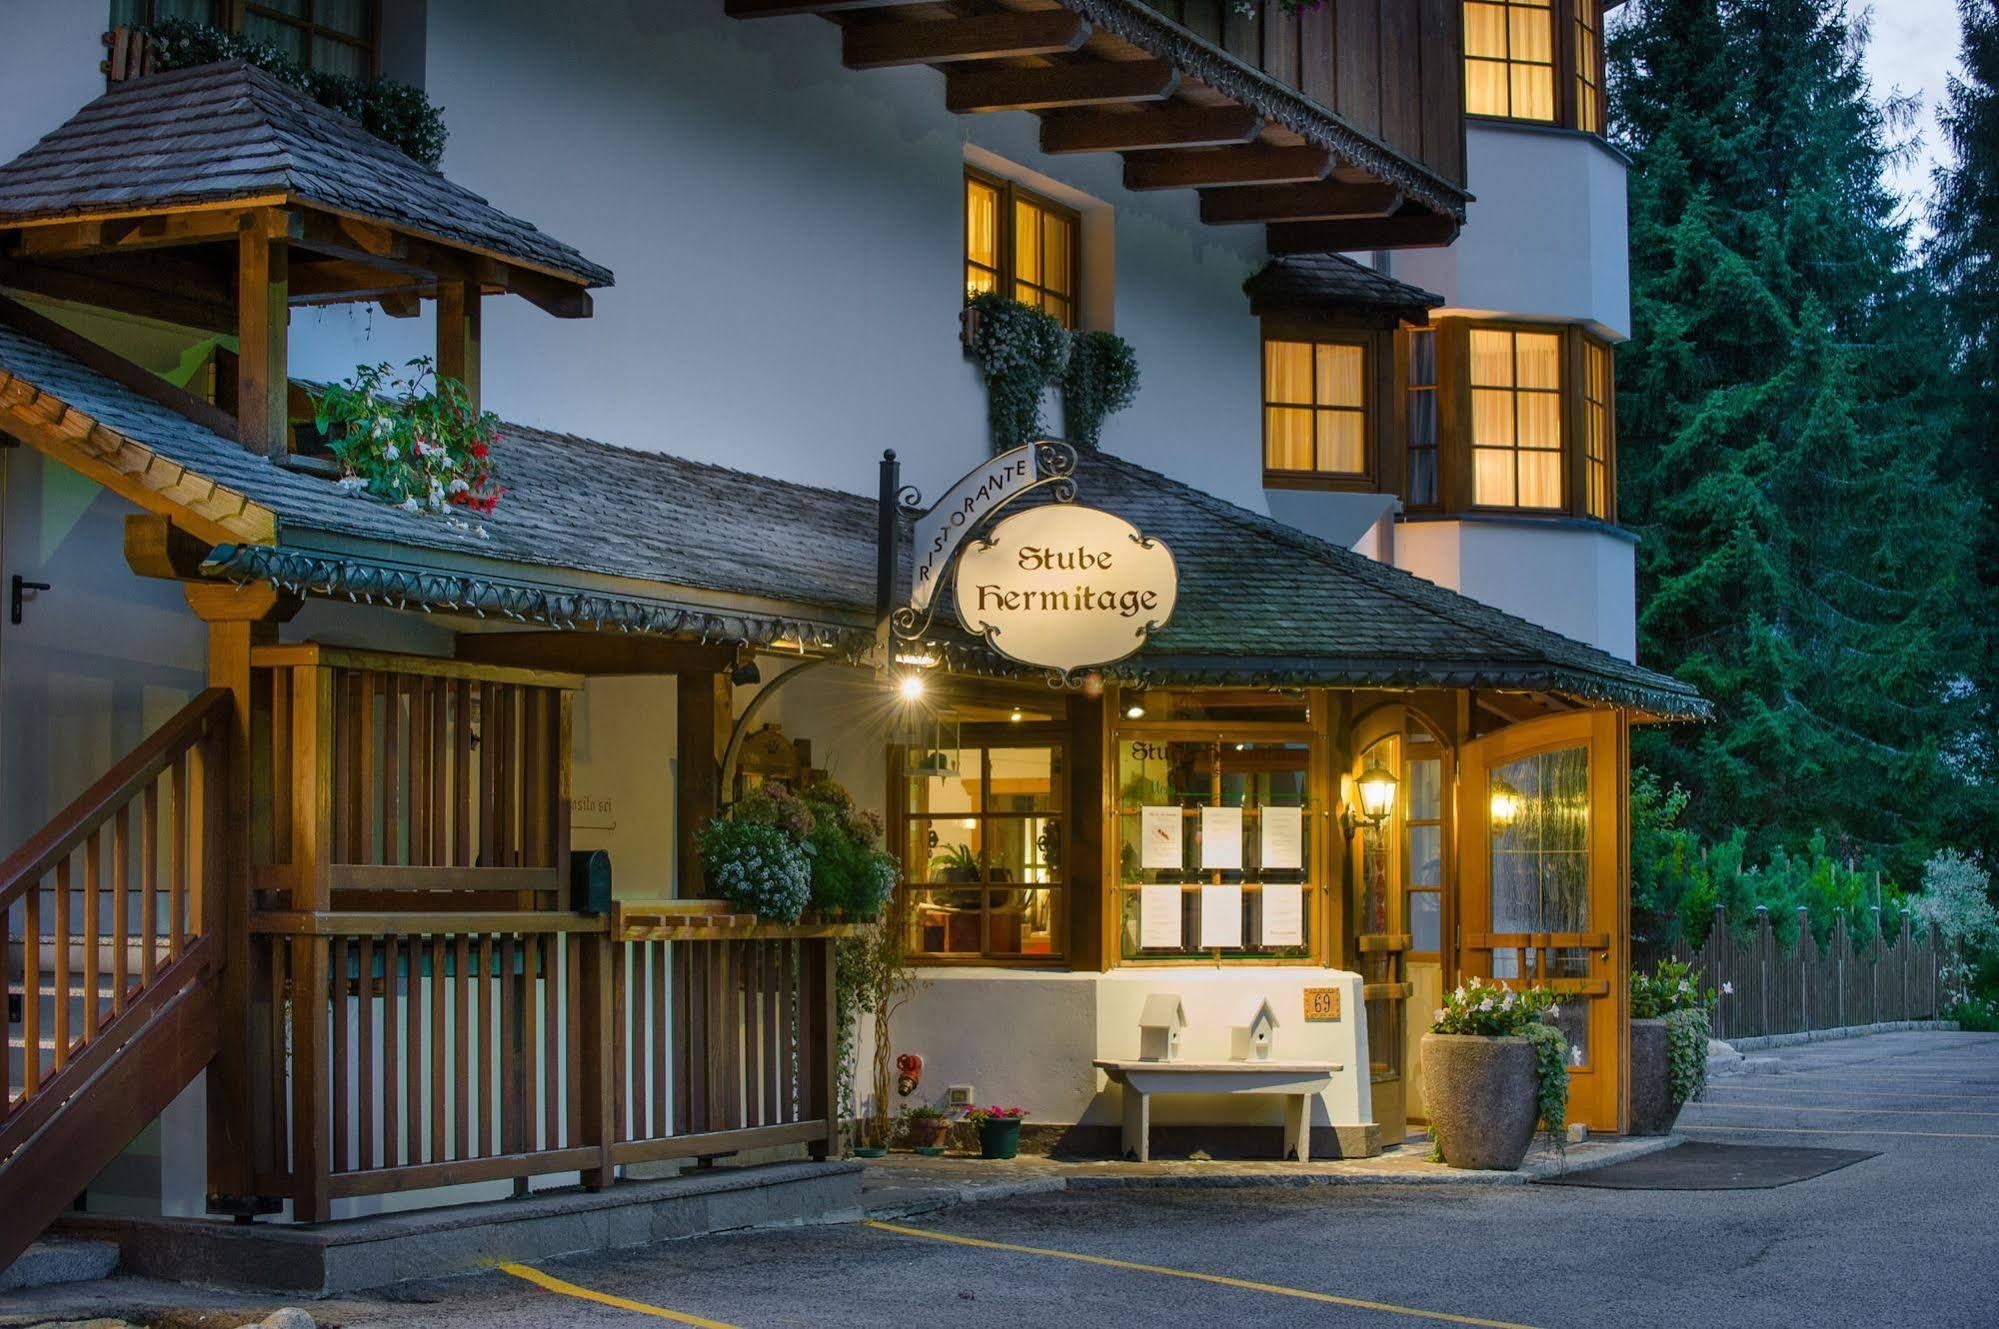 Bio Hotel Hermitage, Madonna Di Campiglio Image 3